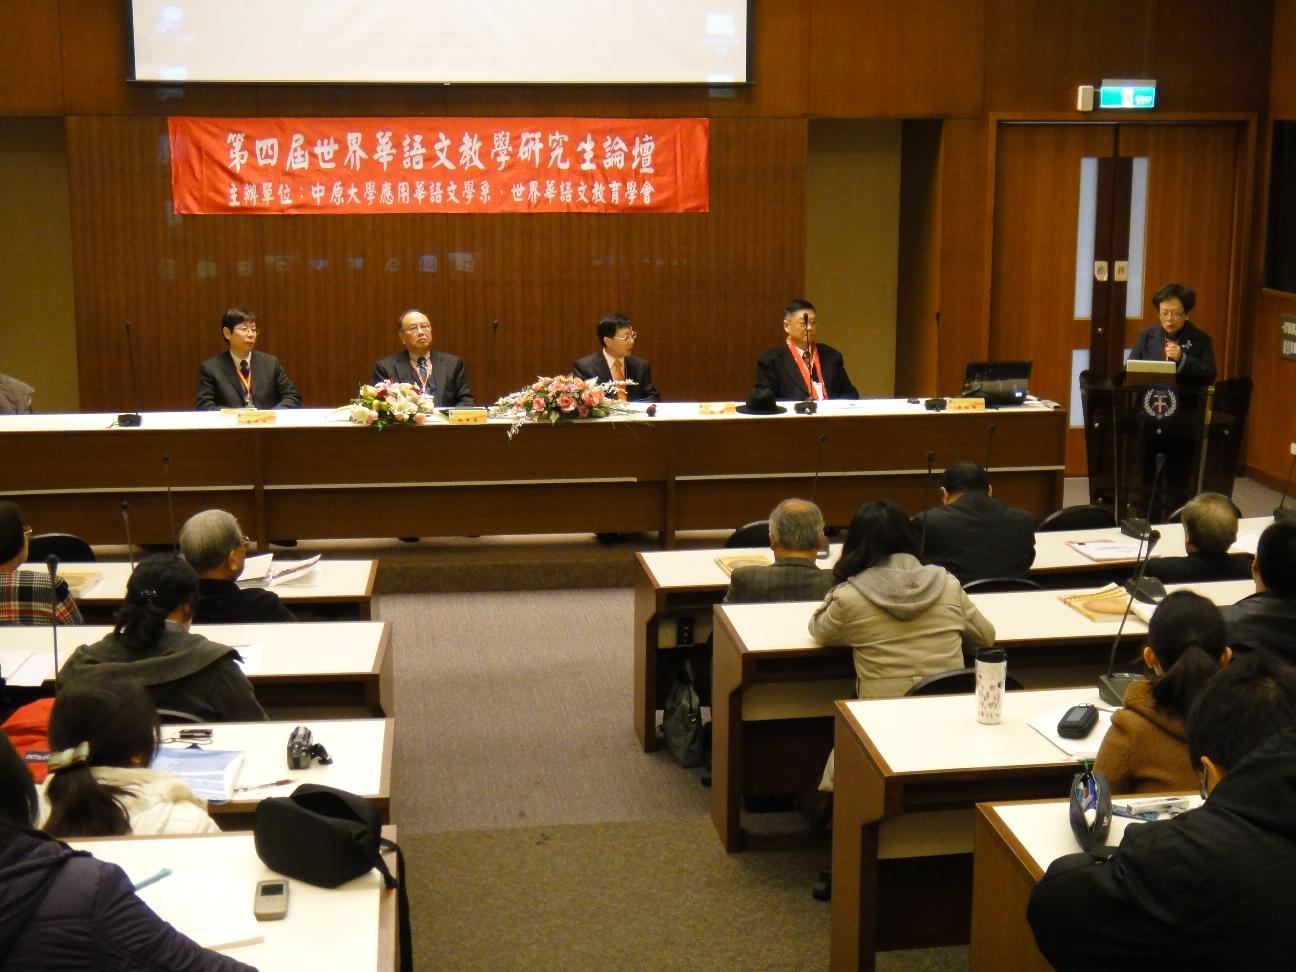 全球華語熱 「世界華語文教學研究生論壇」在中原大學舉行